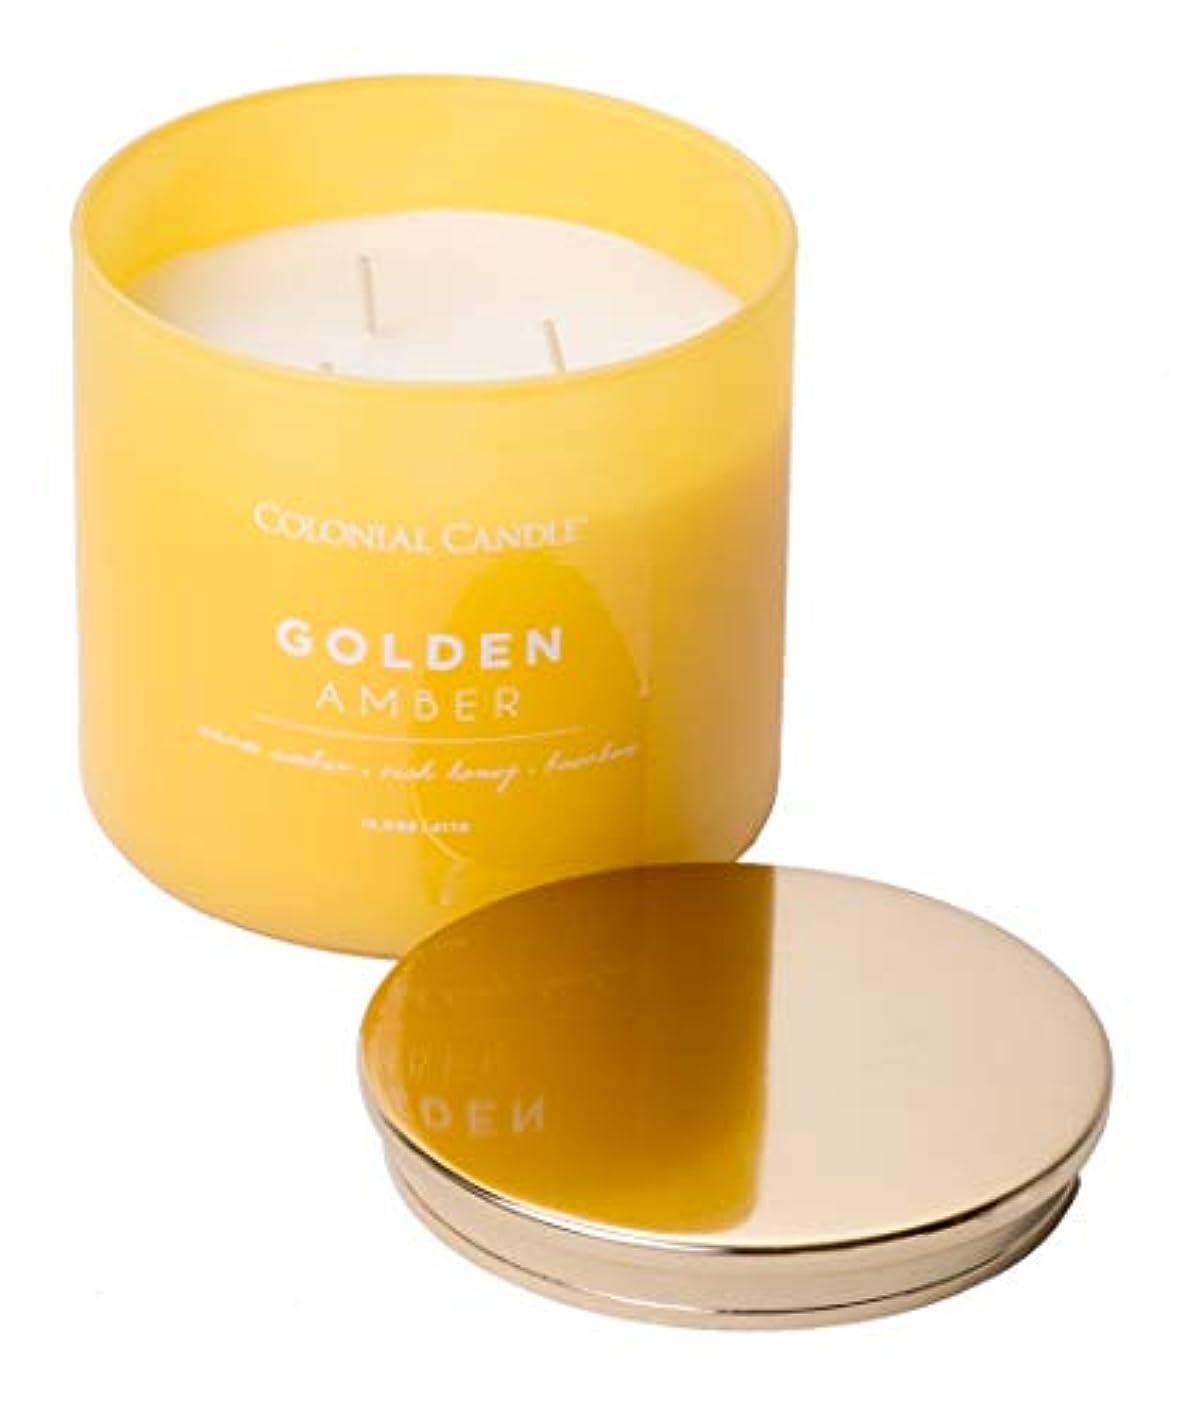 ディスカウントサスペンション定数Colonial Candle ゴールデンアンバー ポップオブカラーコレクション 香り高いキャンドル 装飾的な色付きガラス瓶入り ミディアム 14.5オンス